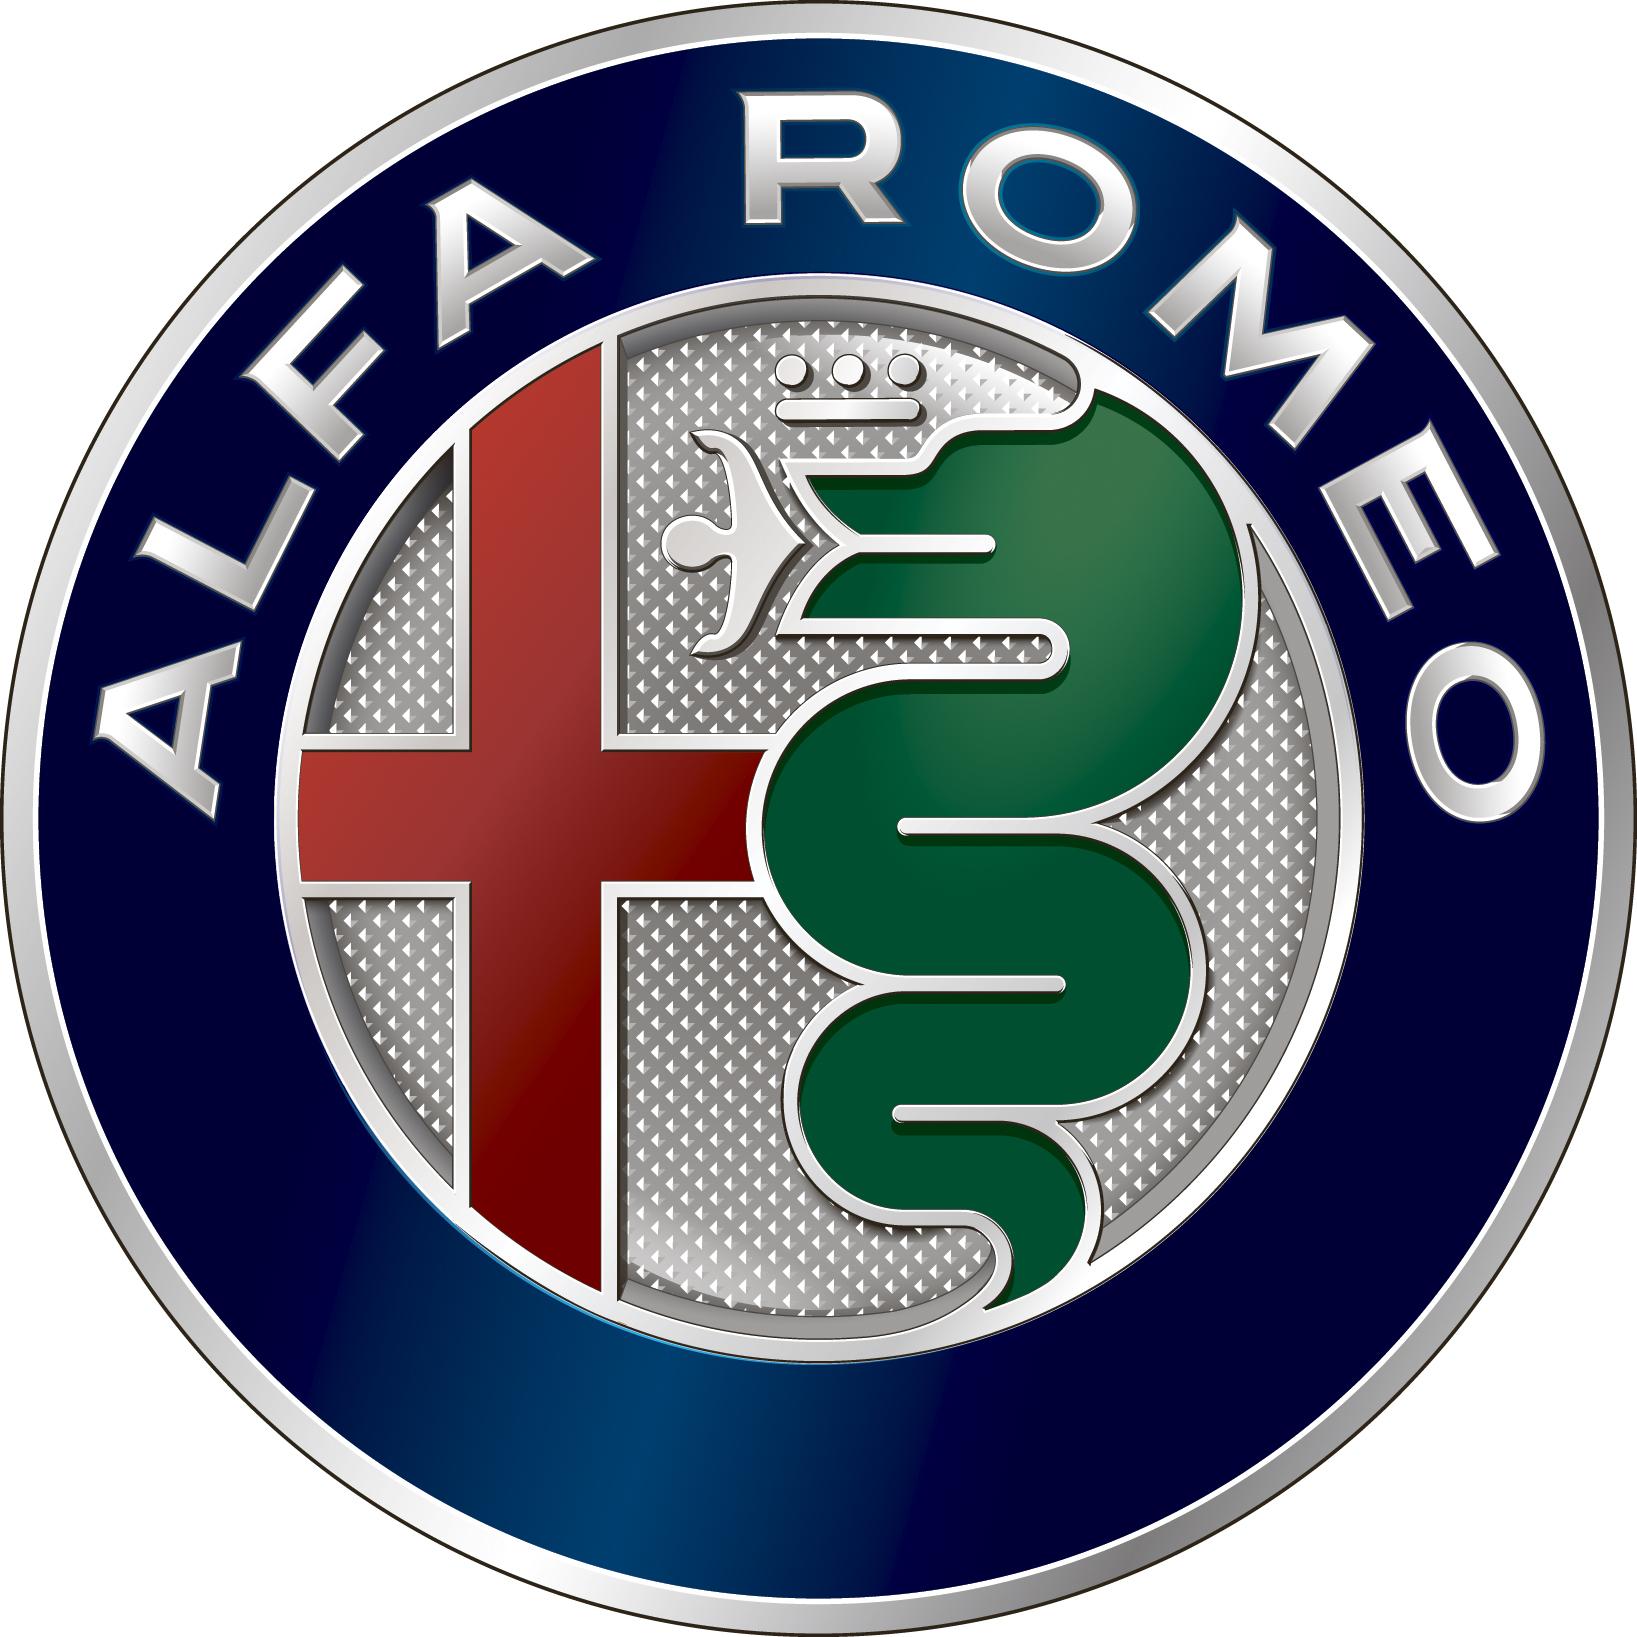 AlfaRomeo2015_4c